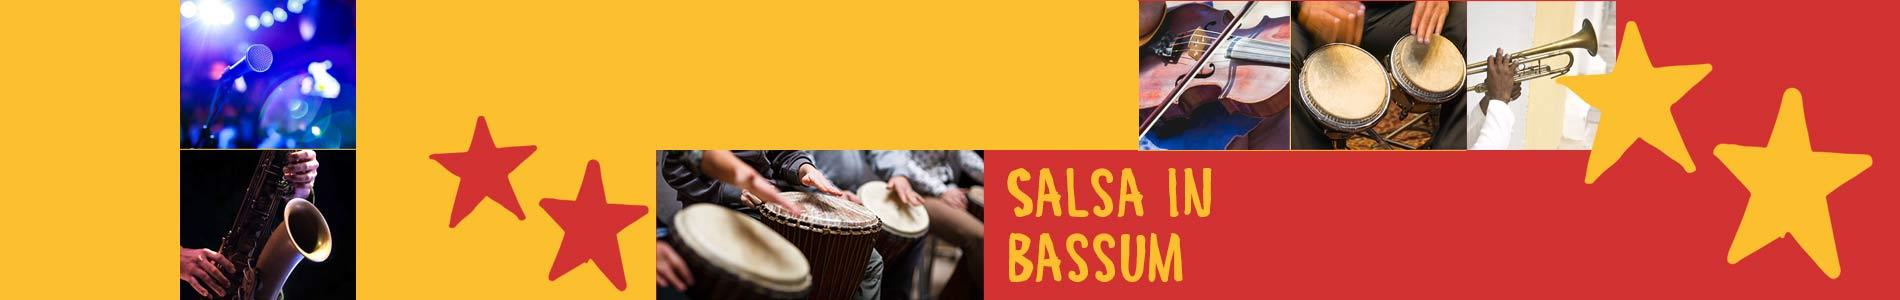 Salsa in Bassum – Salsa lernen und tanzen, Tanzkurse, Partys, Veranstaltungen